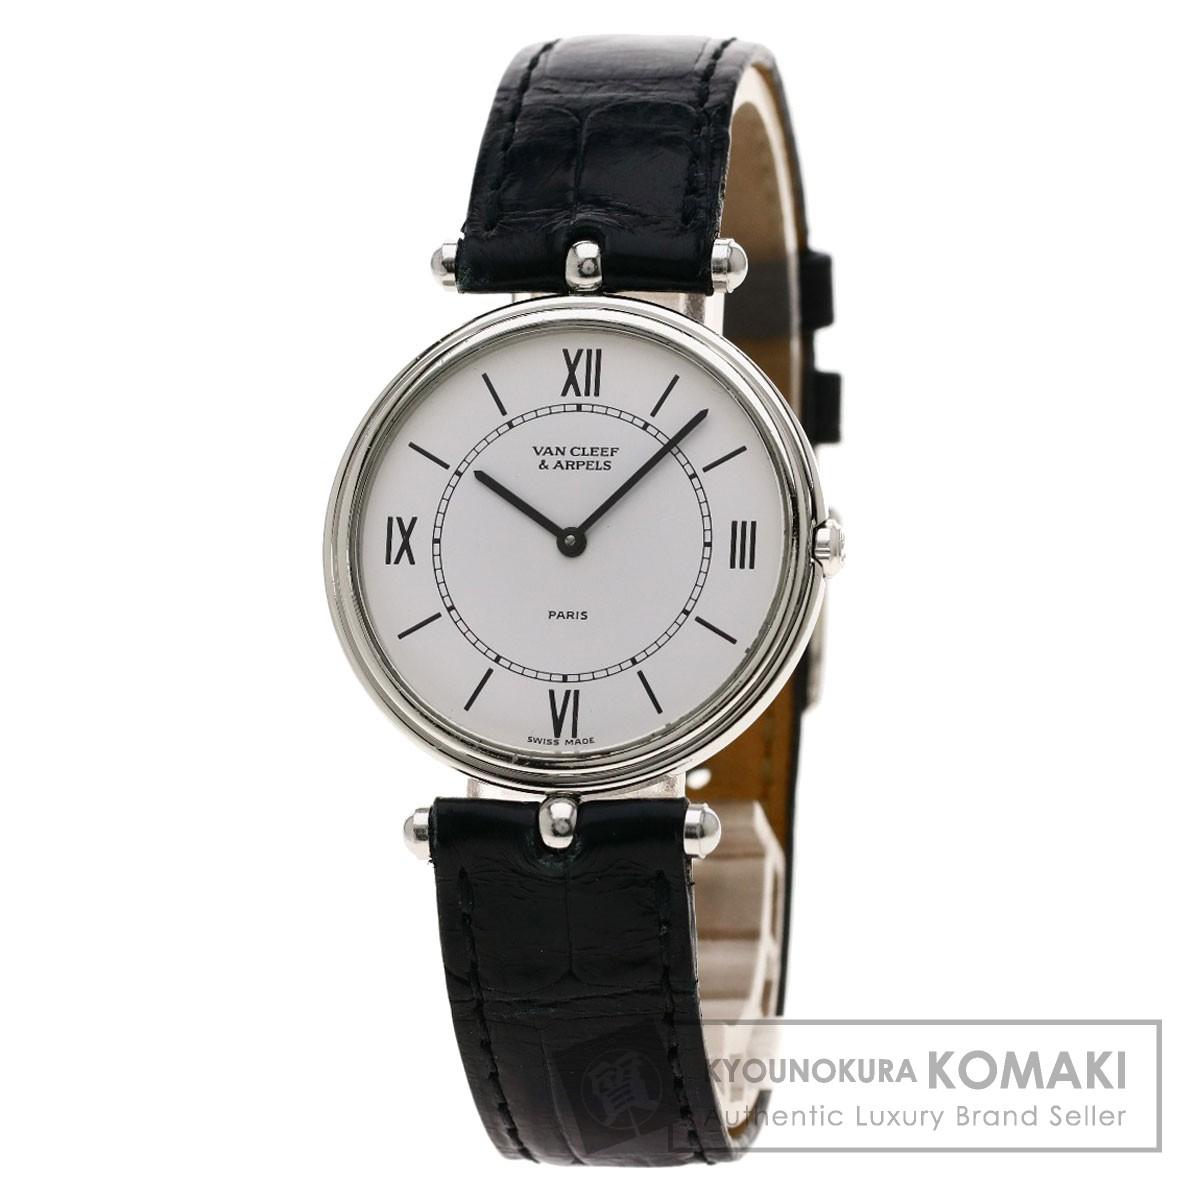 ヴァンクリーフ&アーペル ラ・コレクション 腕時計 ステンレススチール/革 メンズ 【中古】【Van Cleef & Arpels】